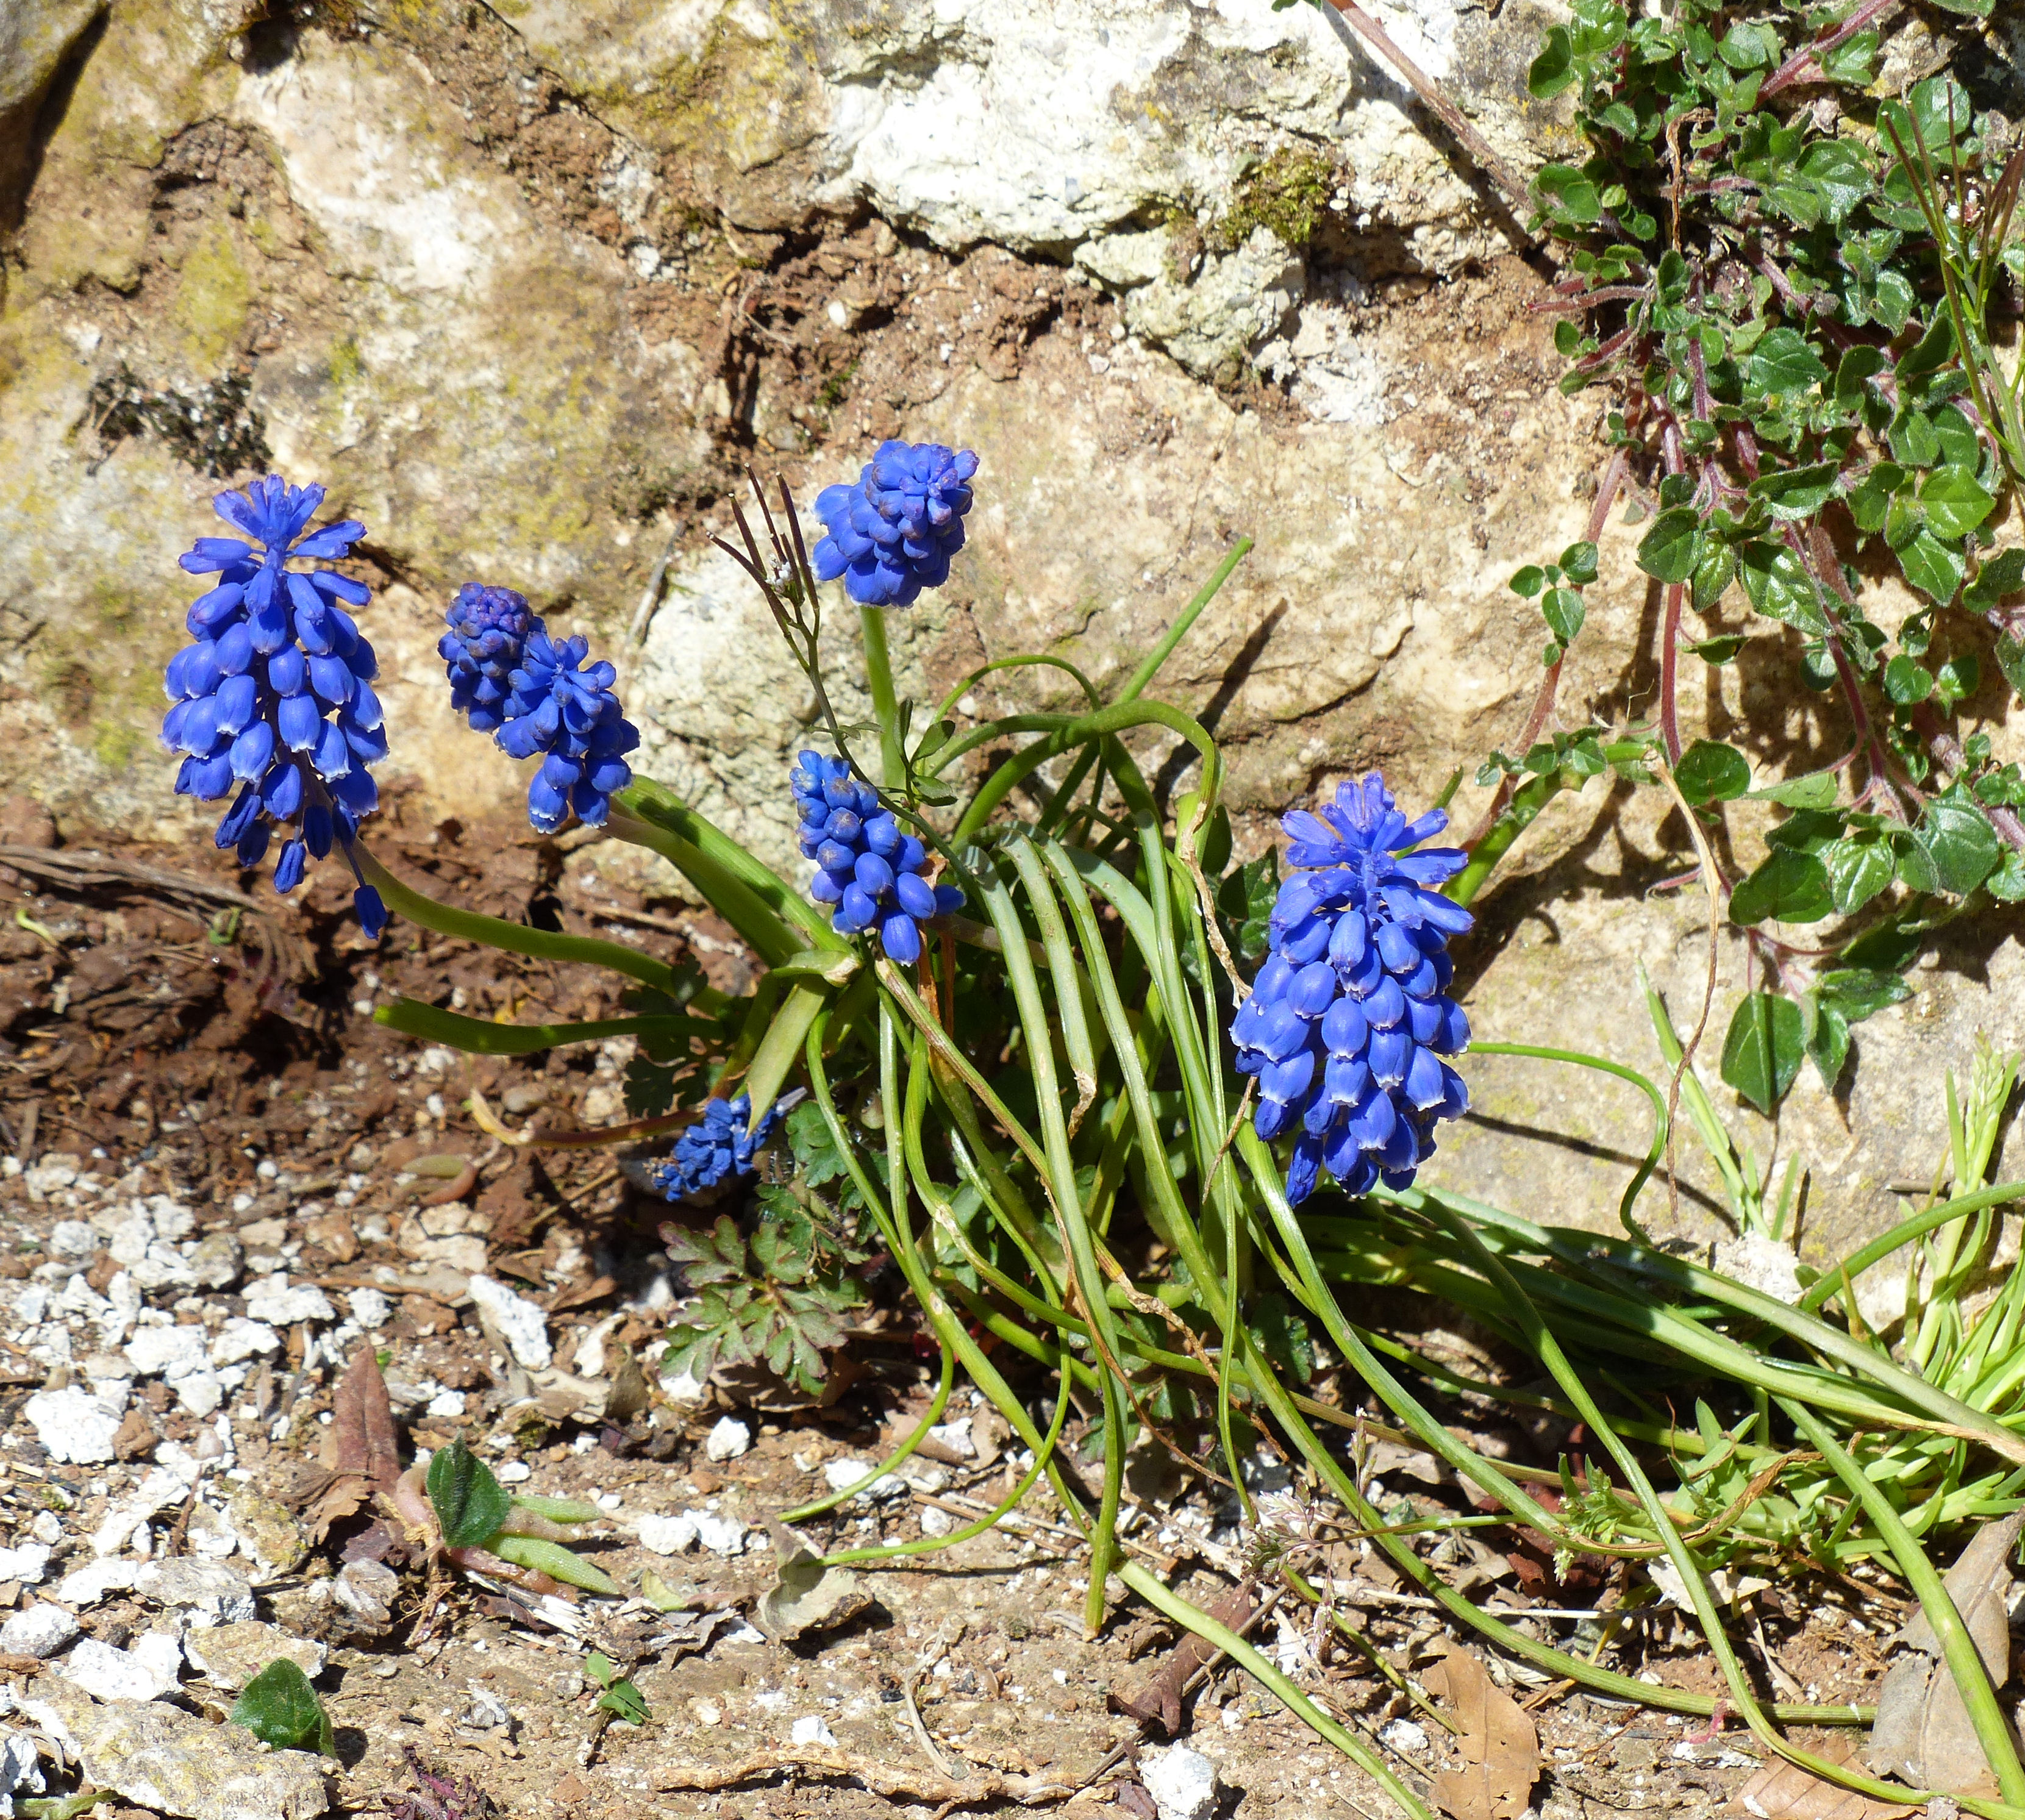 © Dipartimento di Scienze della Vita, Università di Trieste<br>by Andrea Moro<br>Comune di Serle, giardino, BS, Lombardia, Italia, 07/04/2015<br>Distributed under CC-BY-SA 4.0 license.